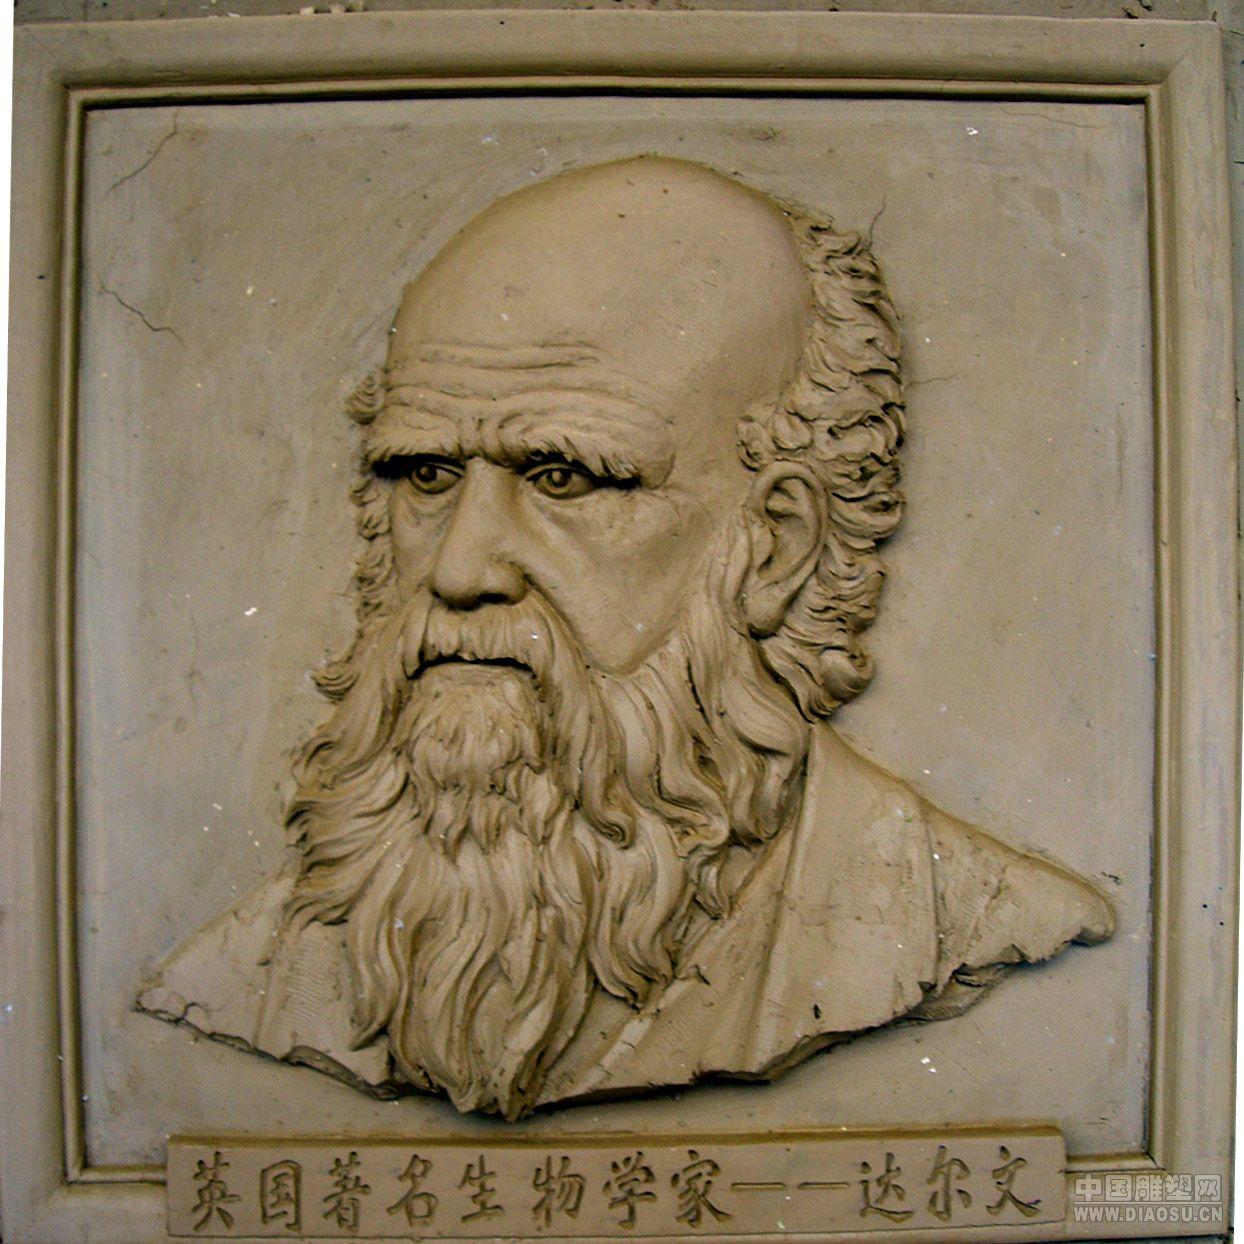 名人头像雕塑达尔文